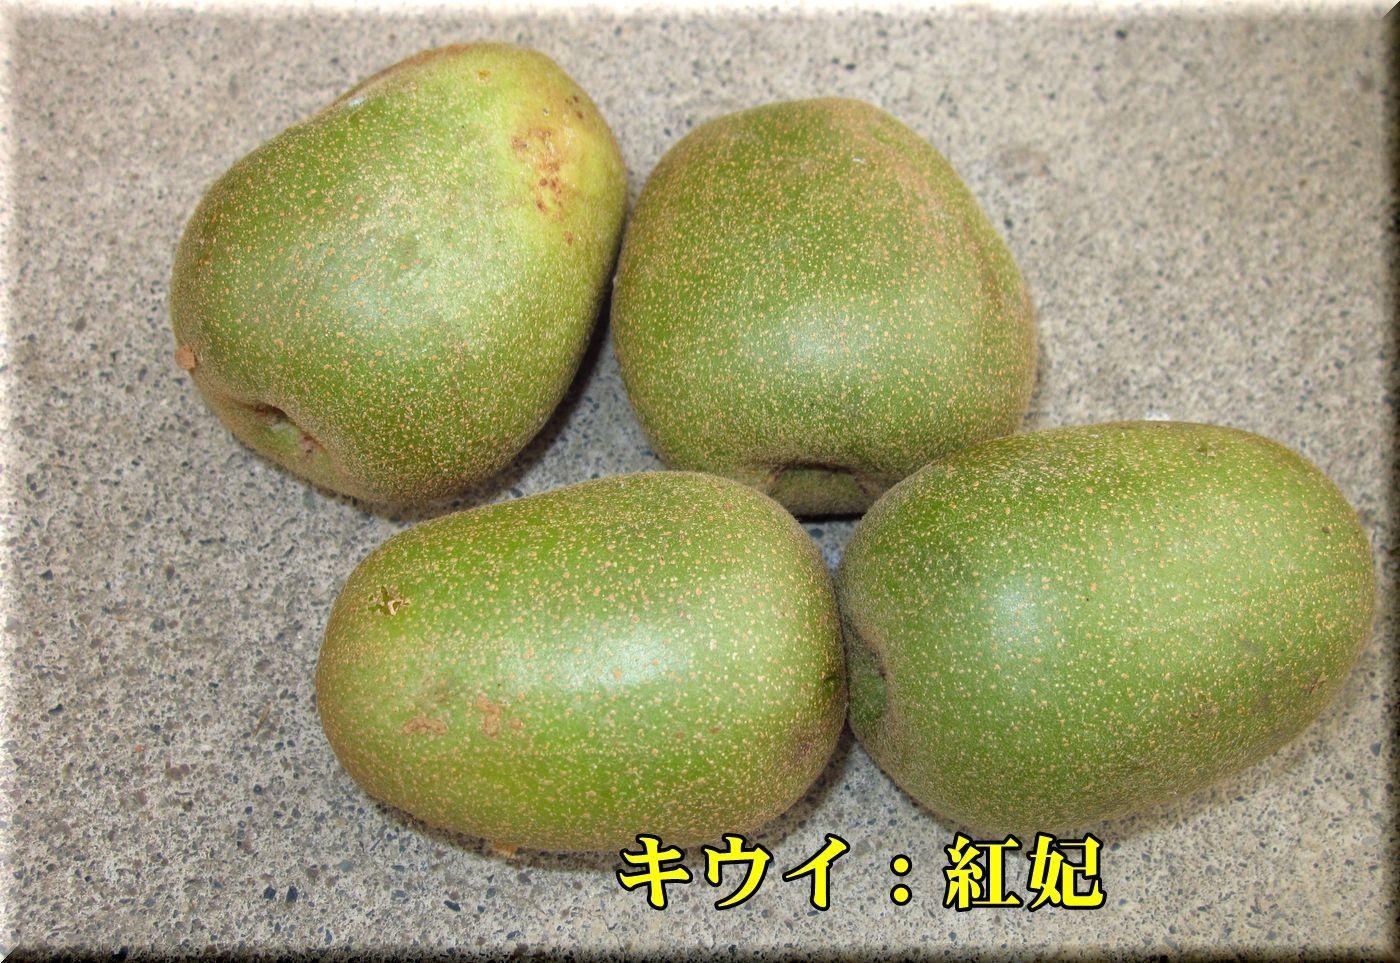 1kouhi171002_010.jpg